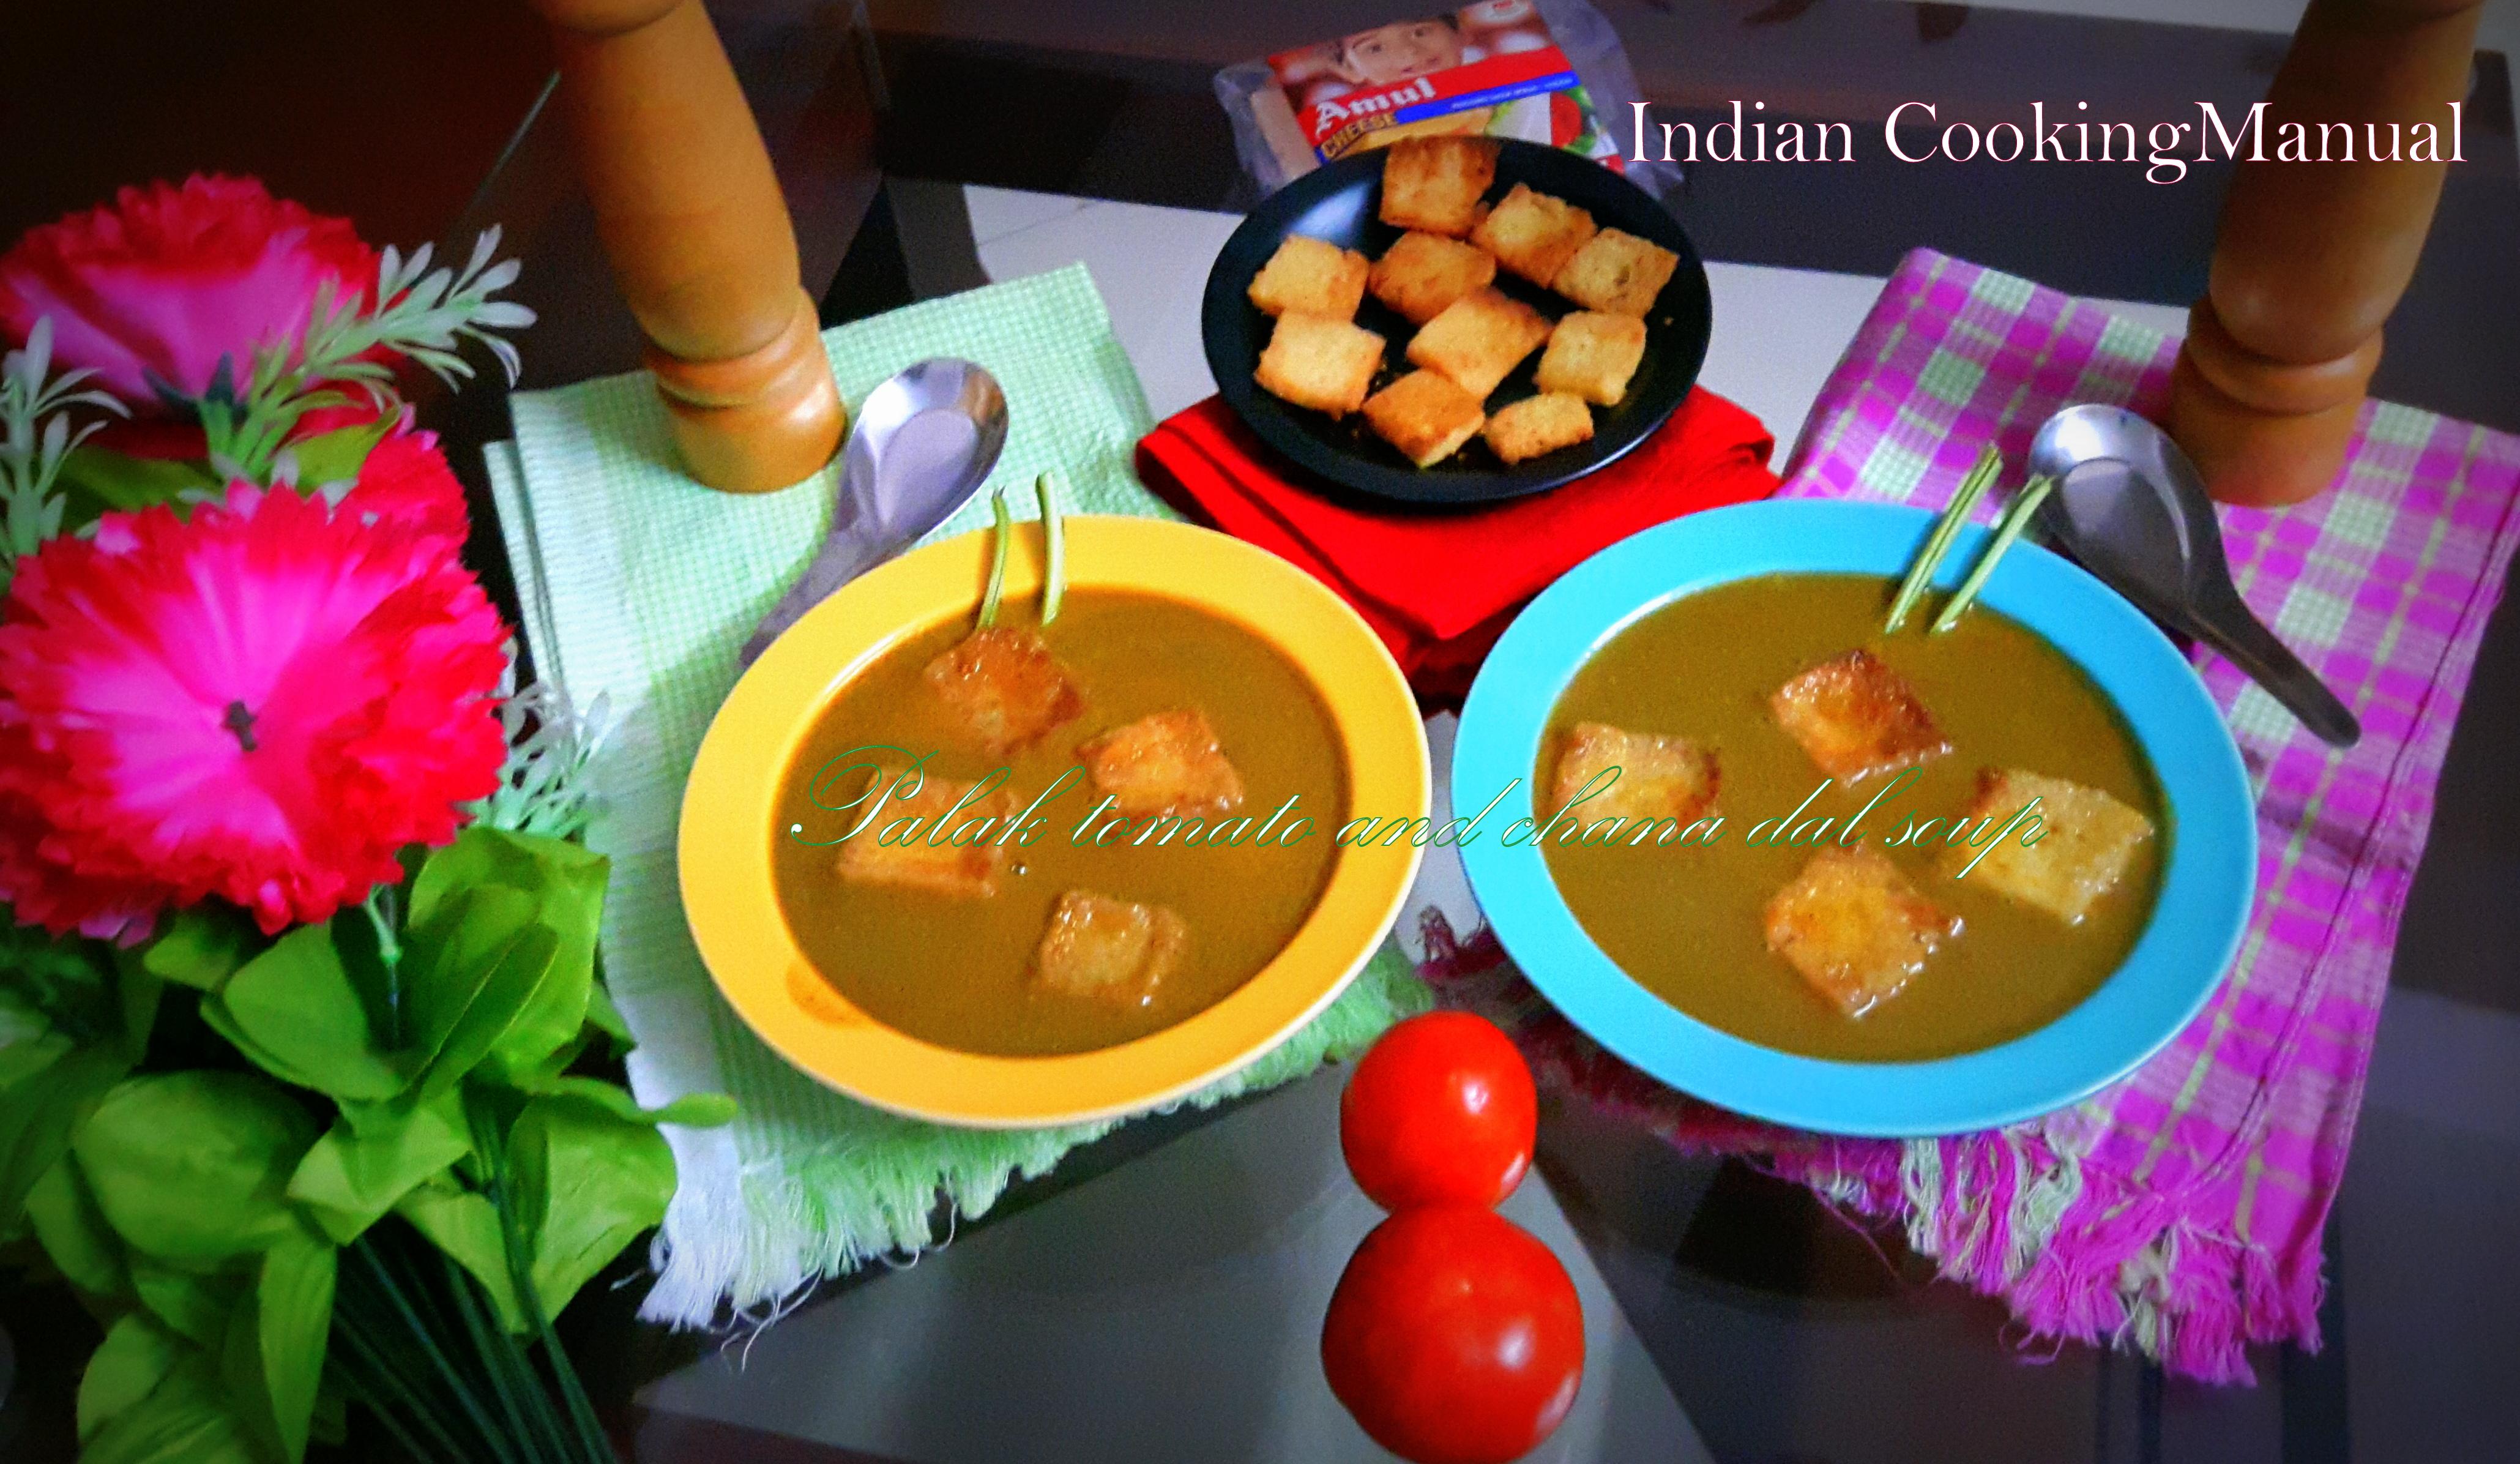 Palak tomato and chana dal soup